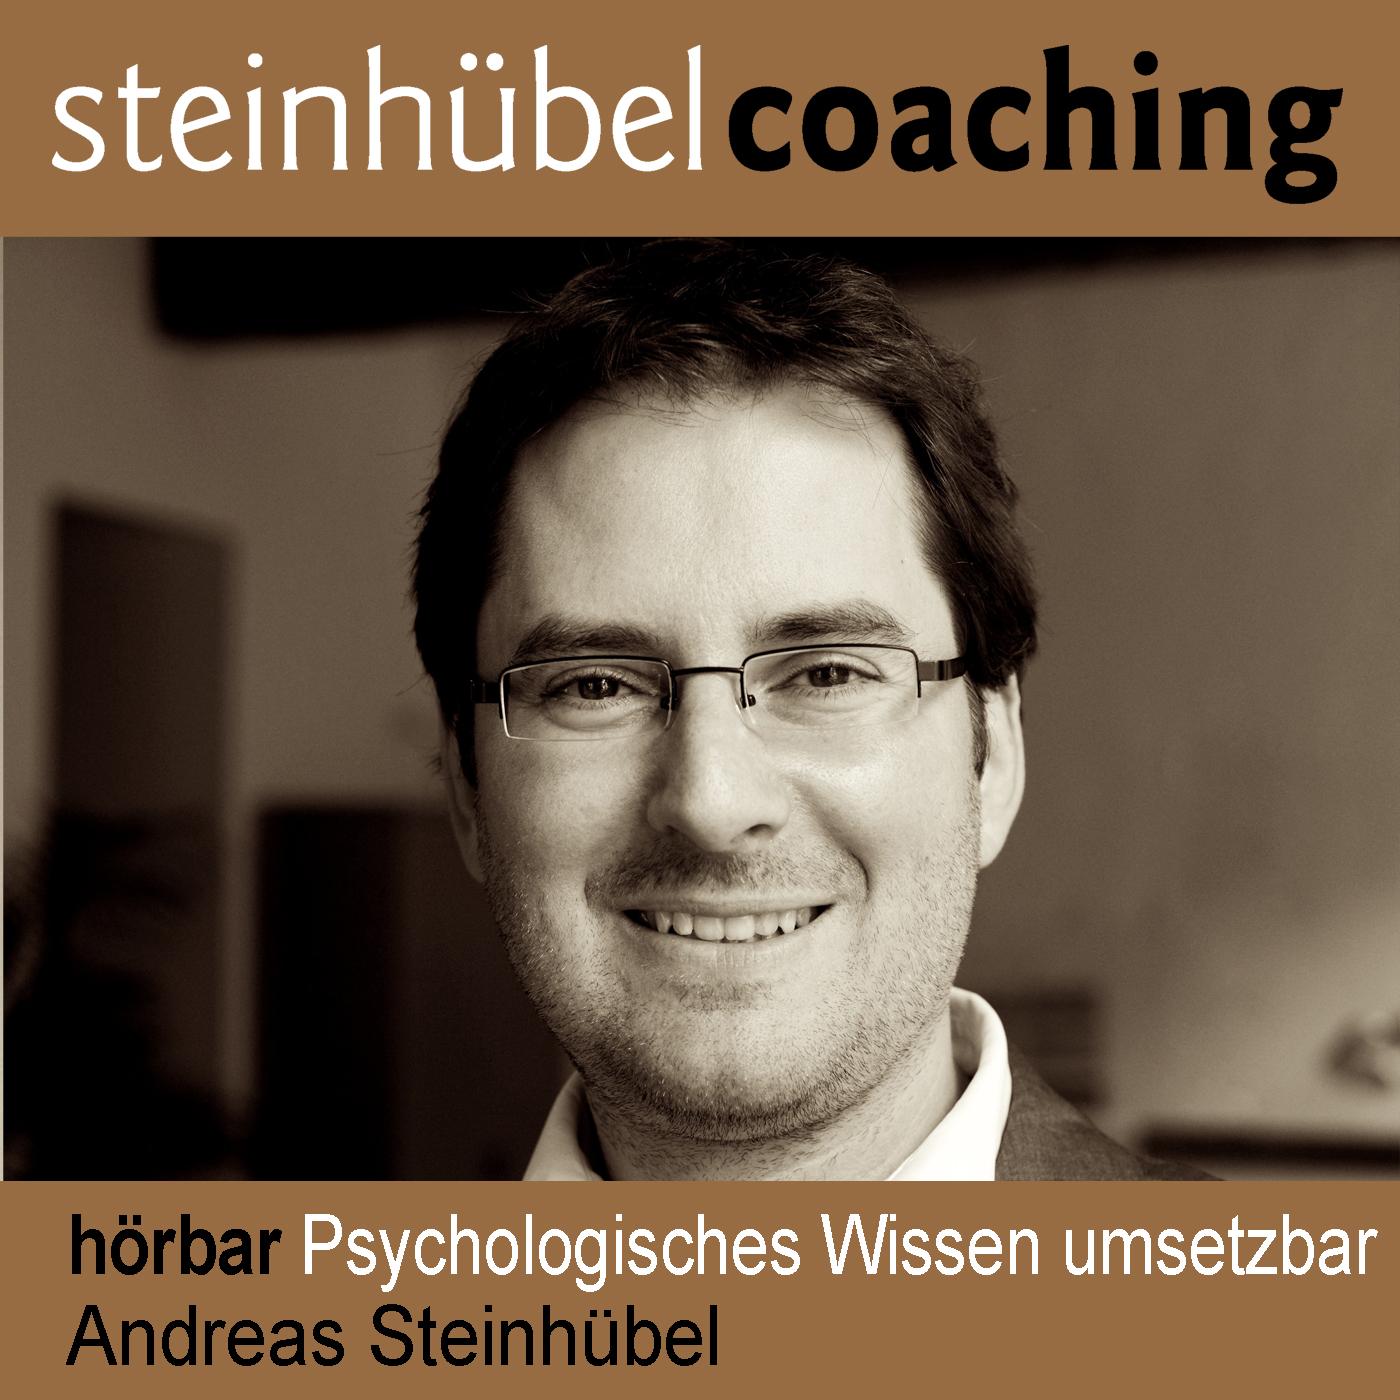 Psychologisches Wissen umsetzbar